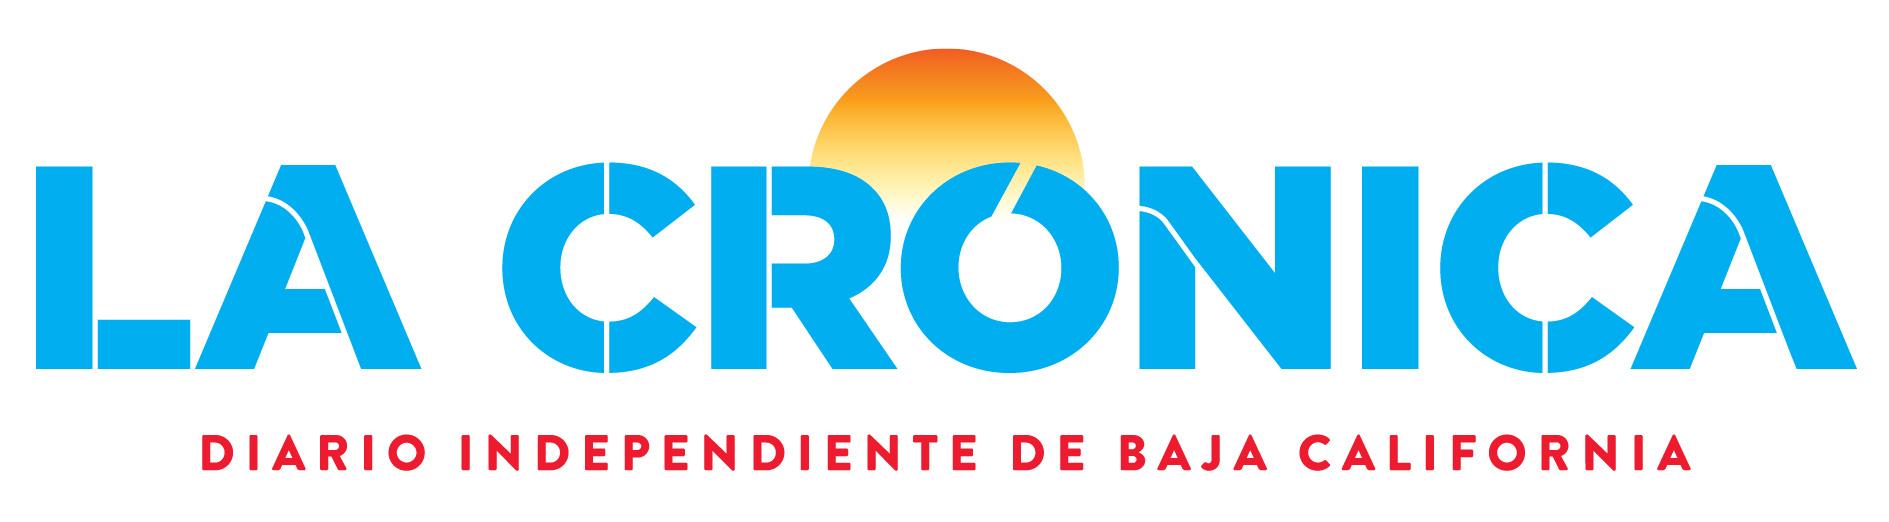 la cronica new